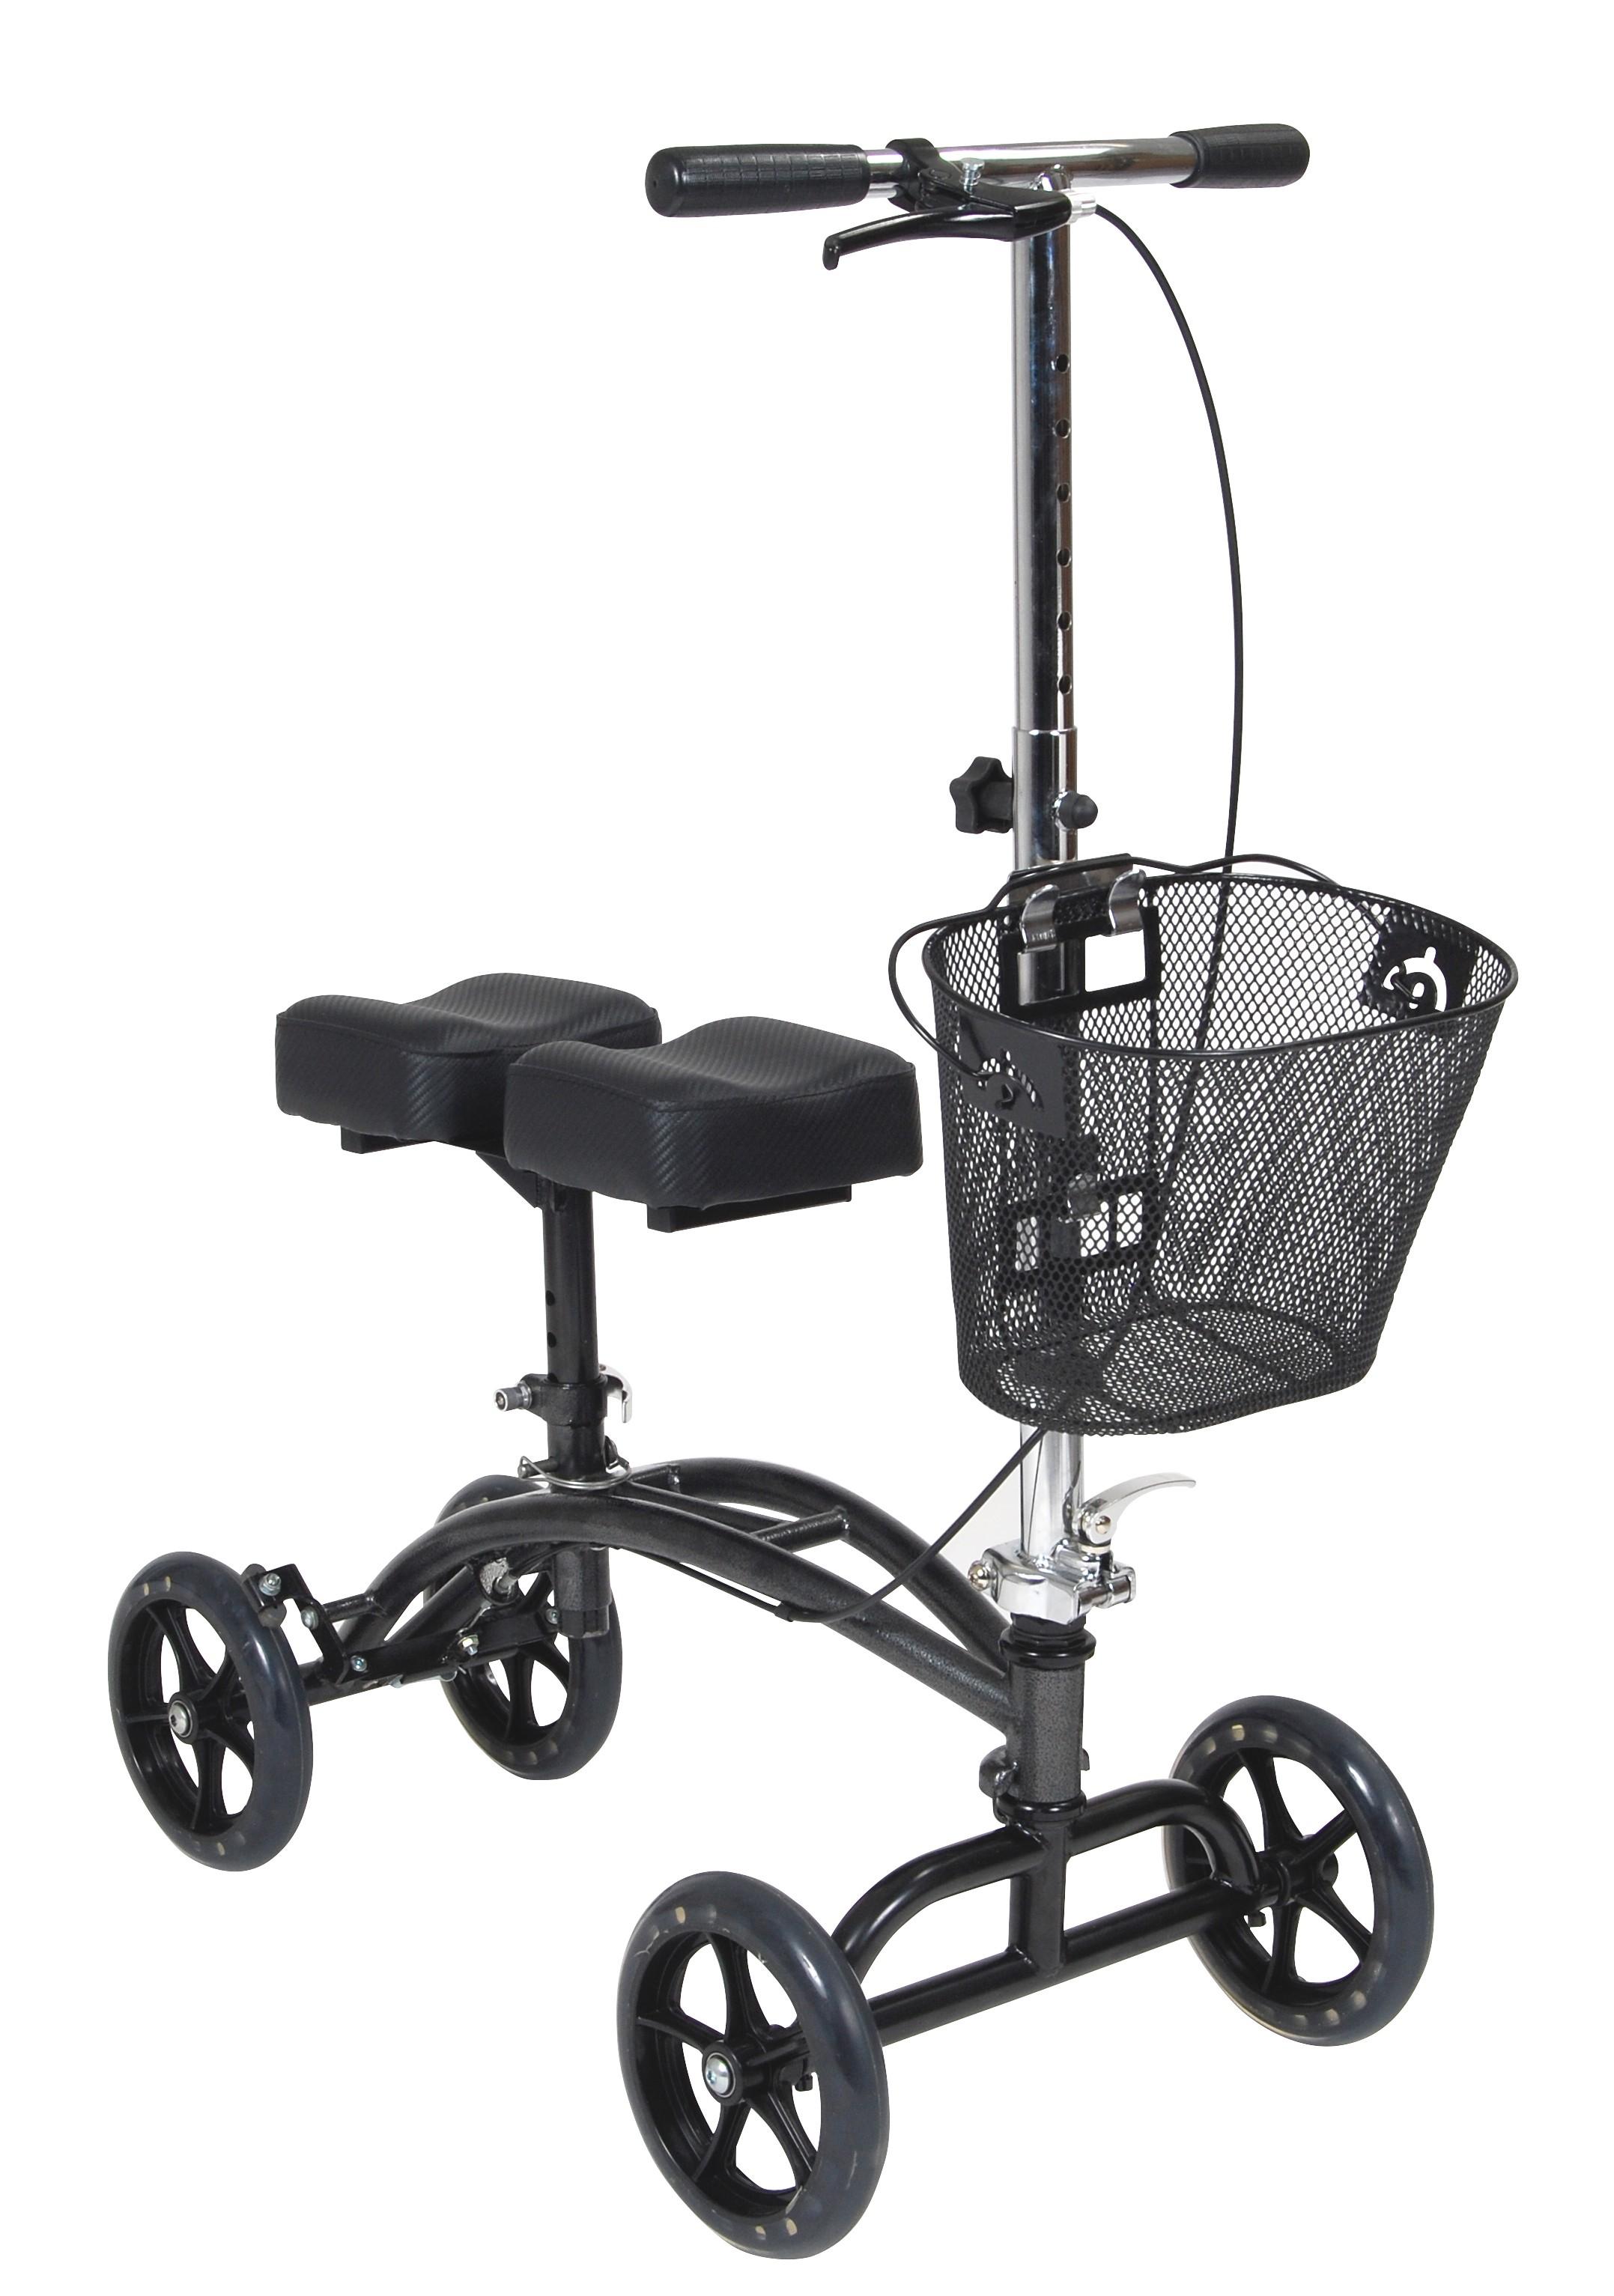 Home Medical Supply knee walker